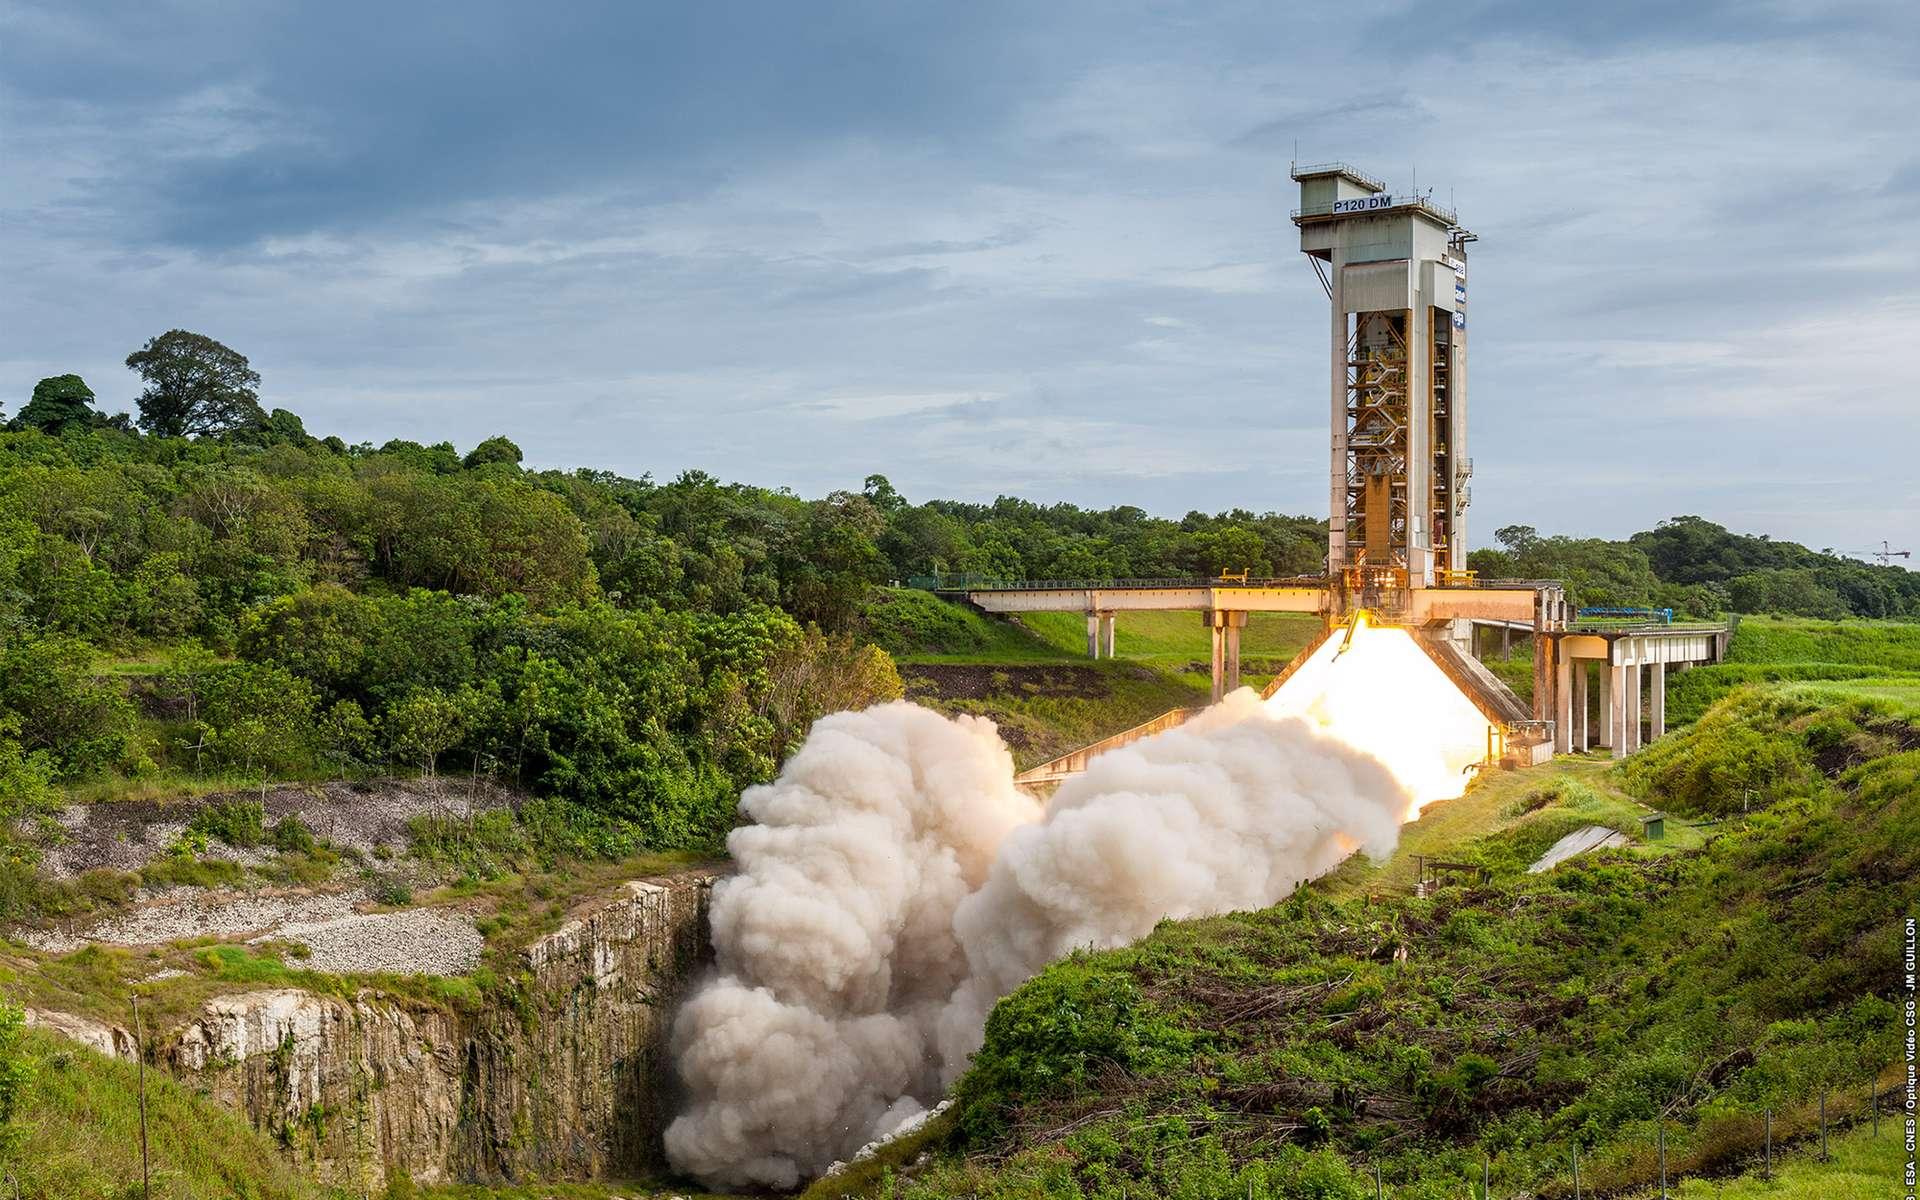 Le P120, le plus gros moteur à propergol solide monolithique du monde testé avec succès sur le site du Centre spatial guyanais. © 2018 - ESA-CNES-OptiqueVideoCSG, JM Guillon